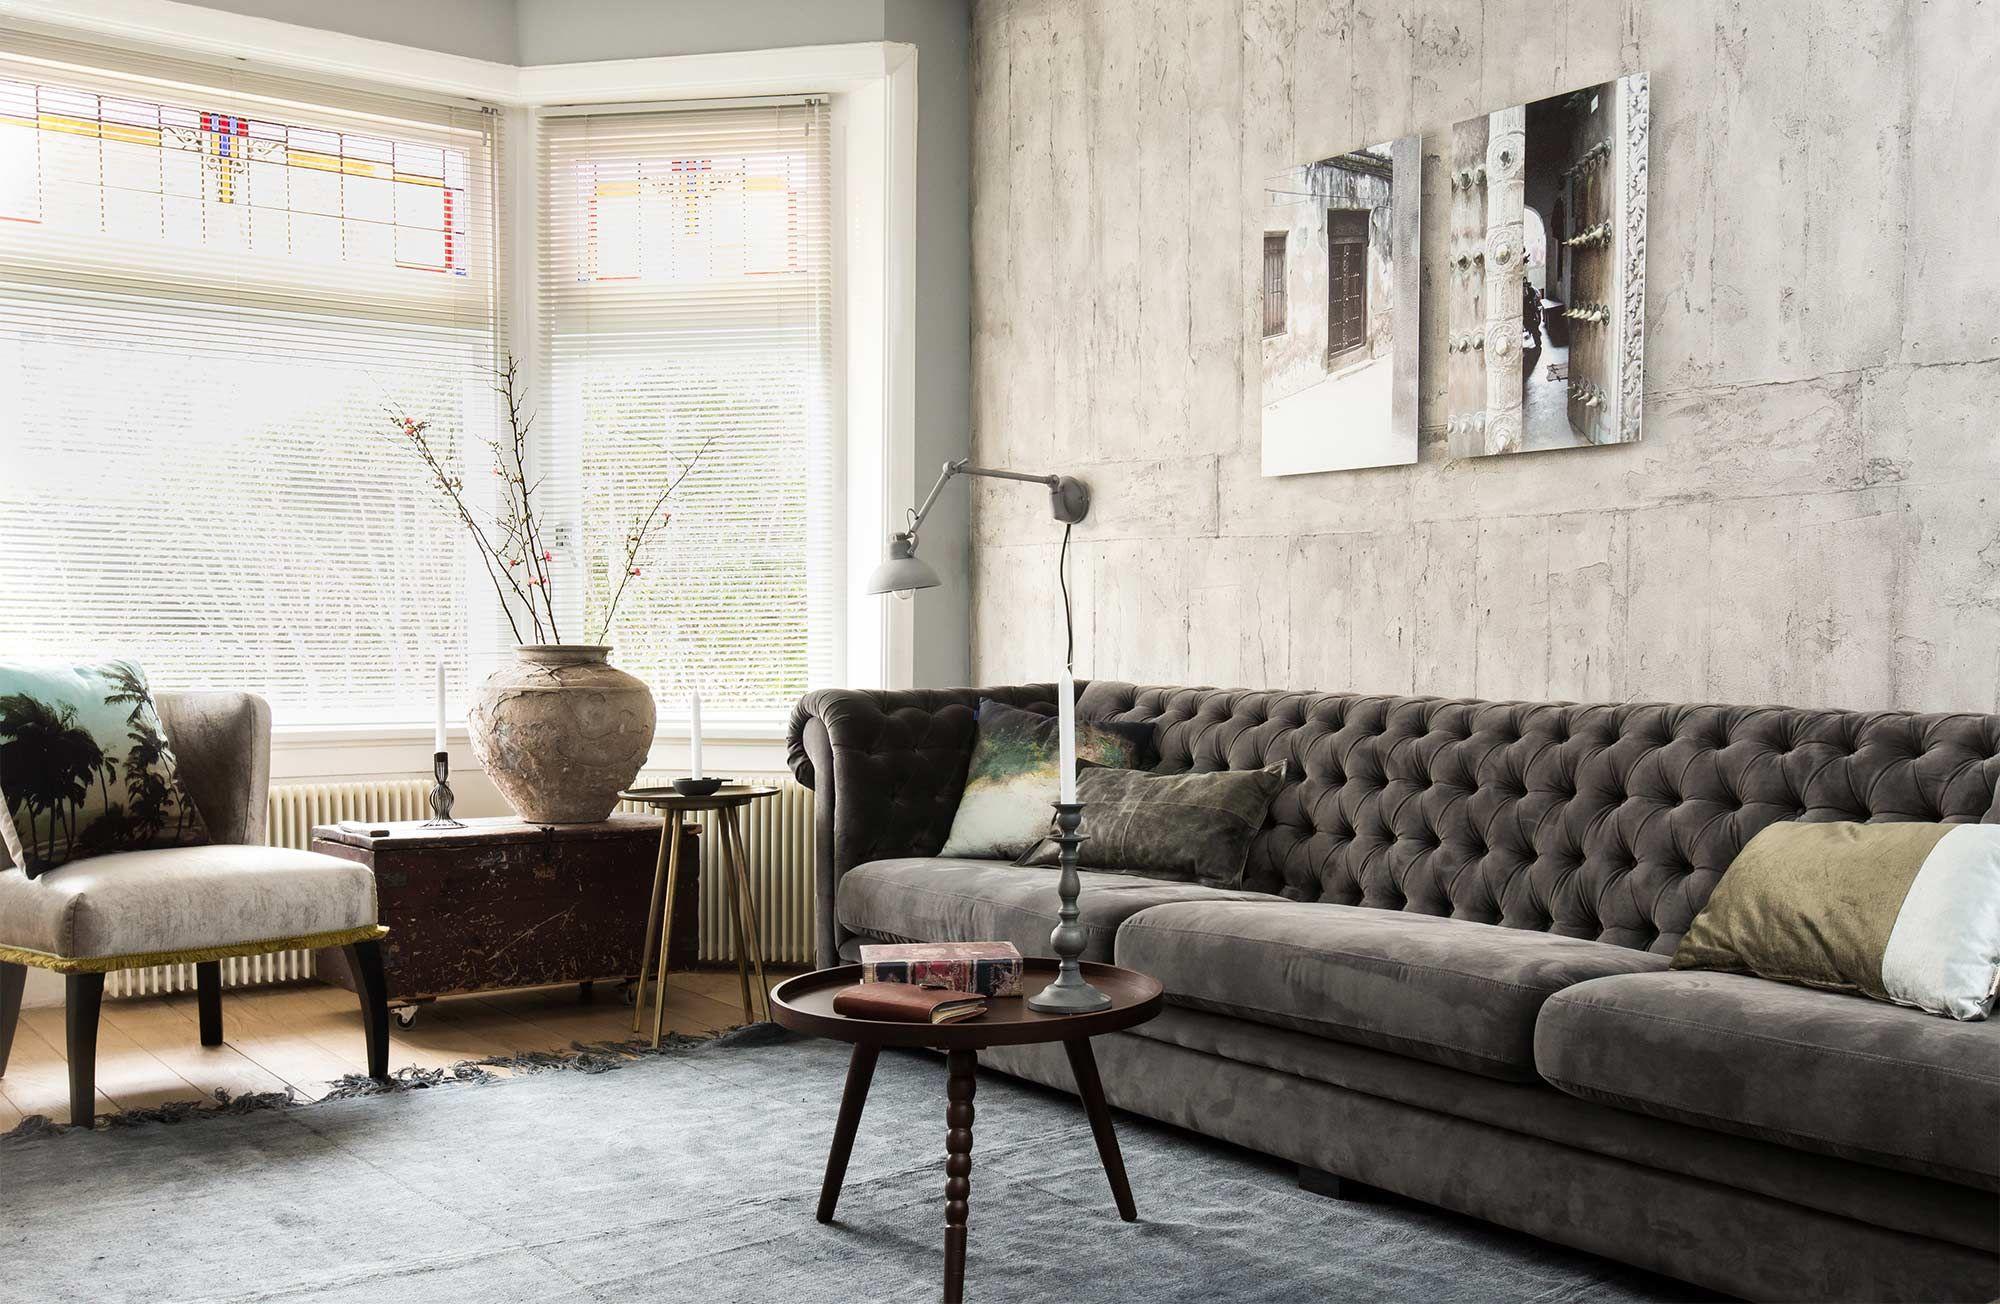 4x de beste gratis apps voor interieur inspiratie - Rooms ...